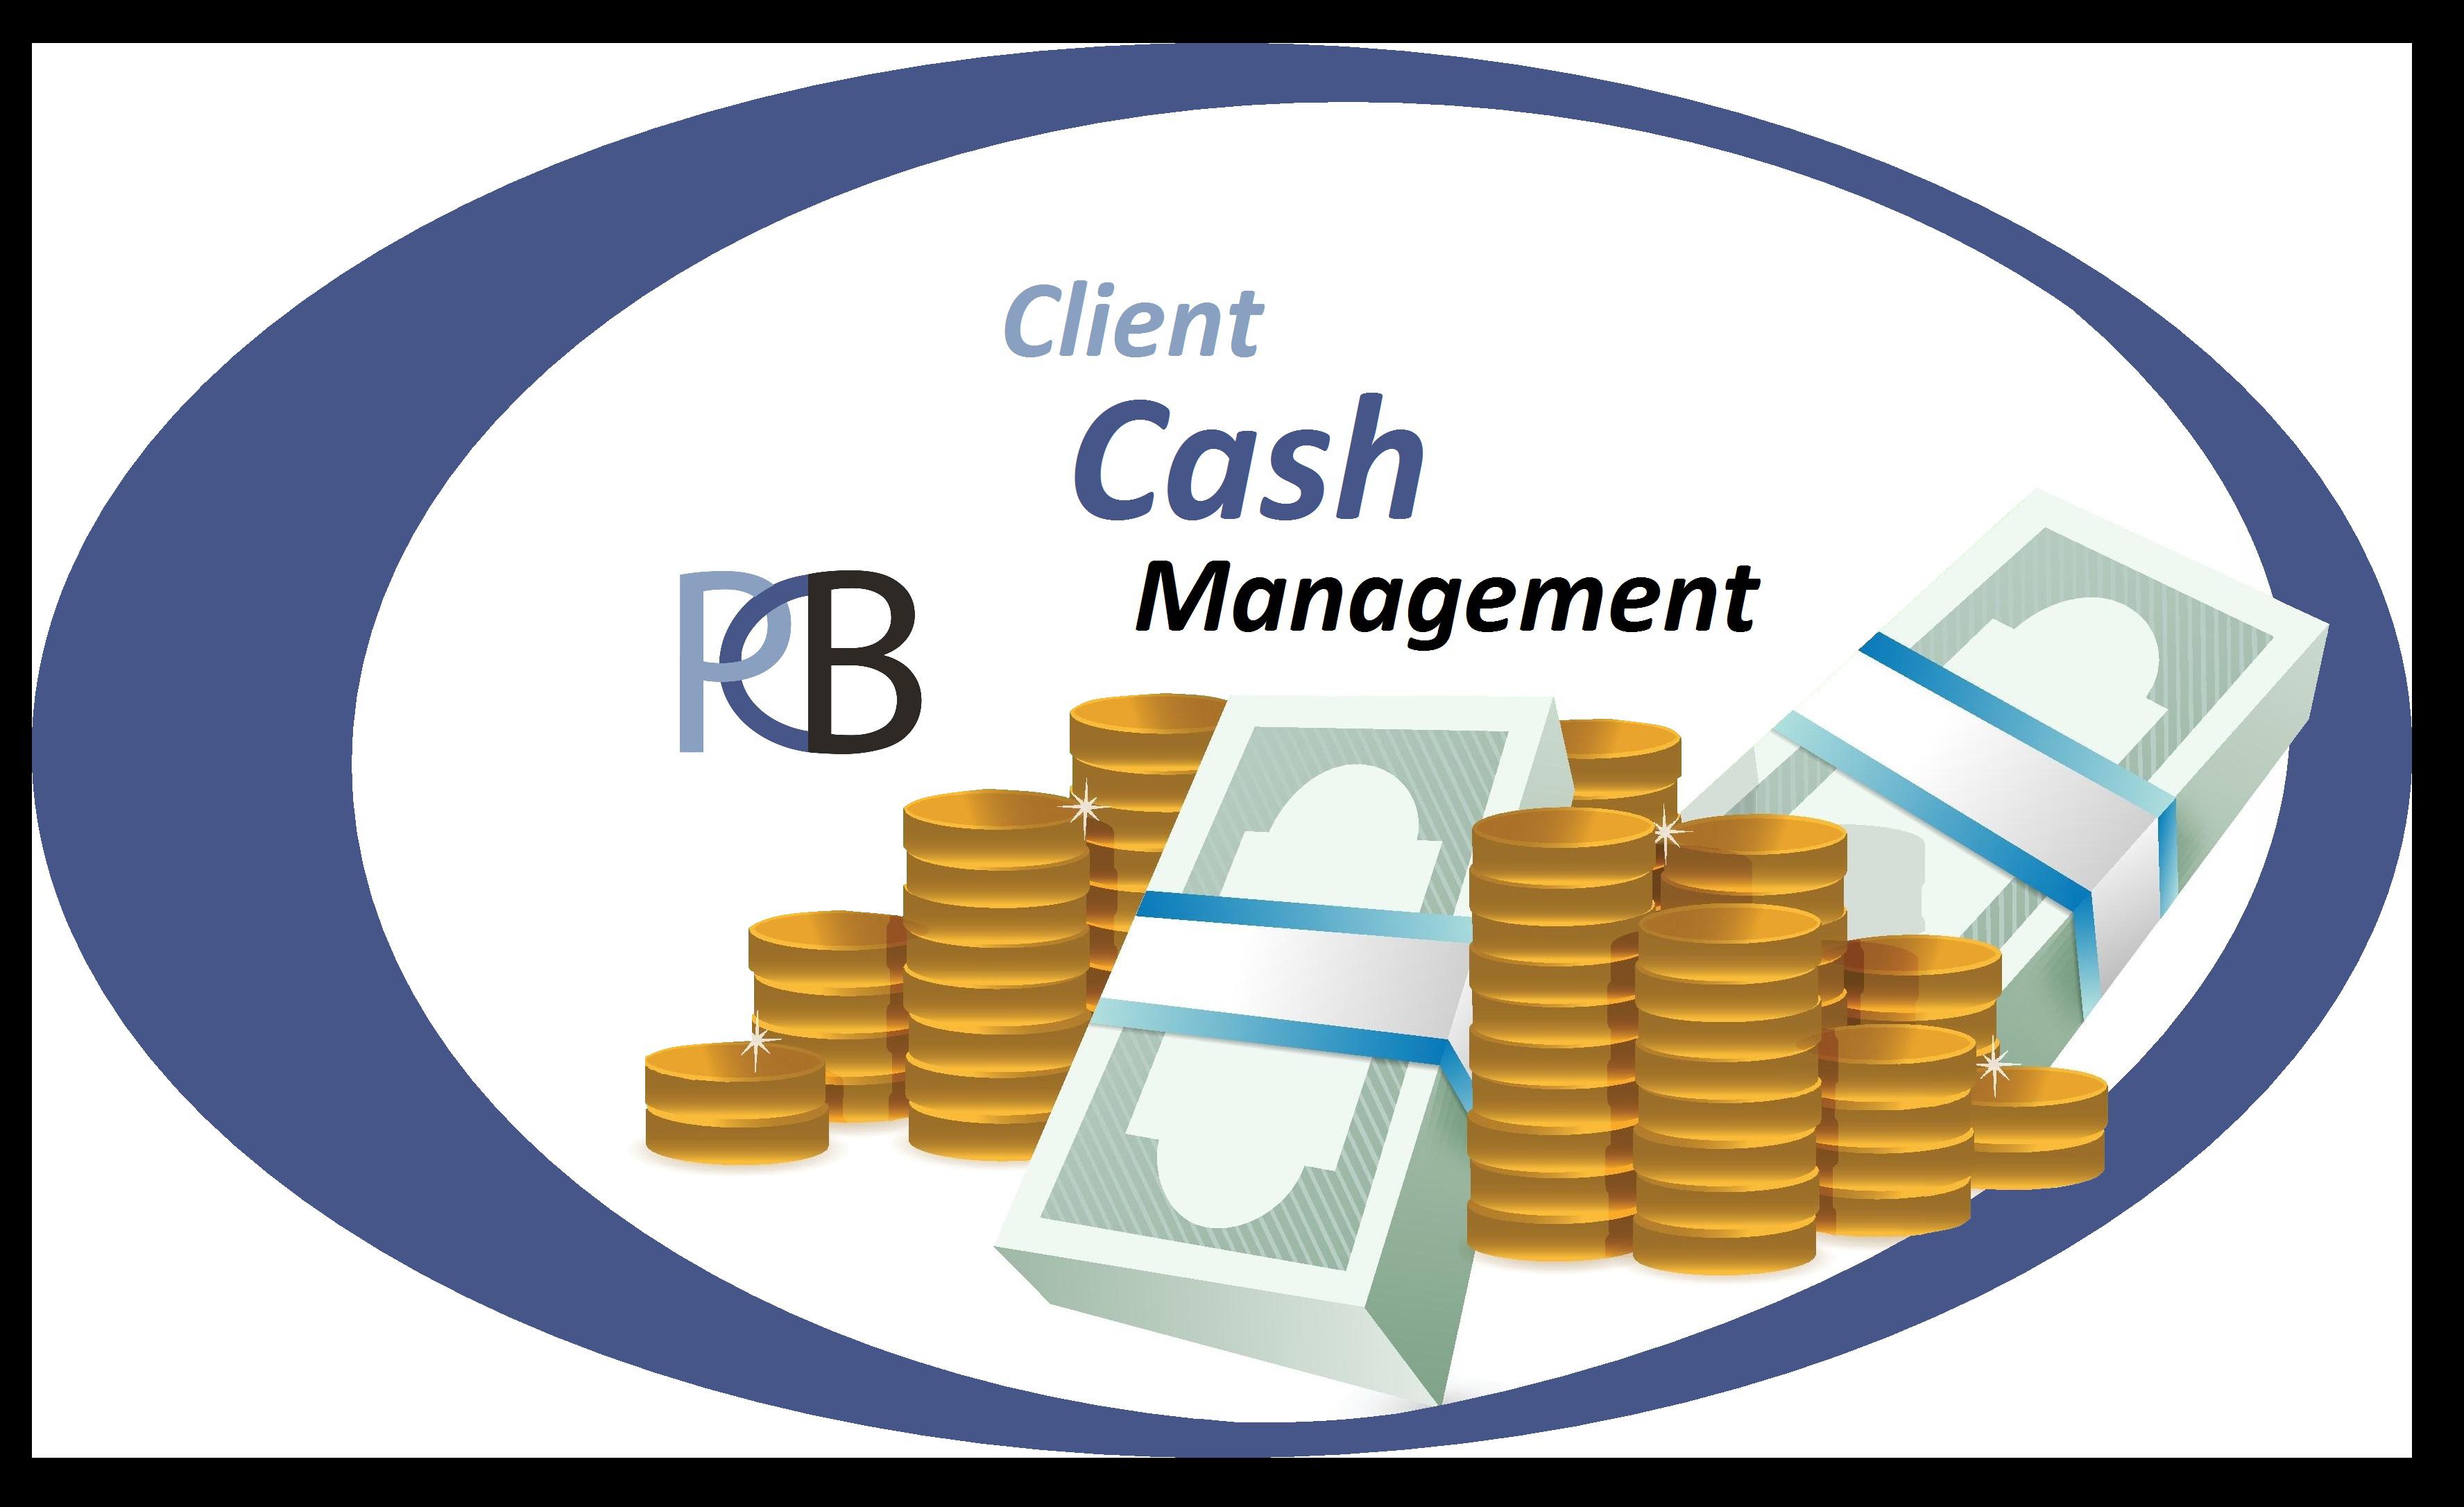 Client, Cash, Management logo.